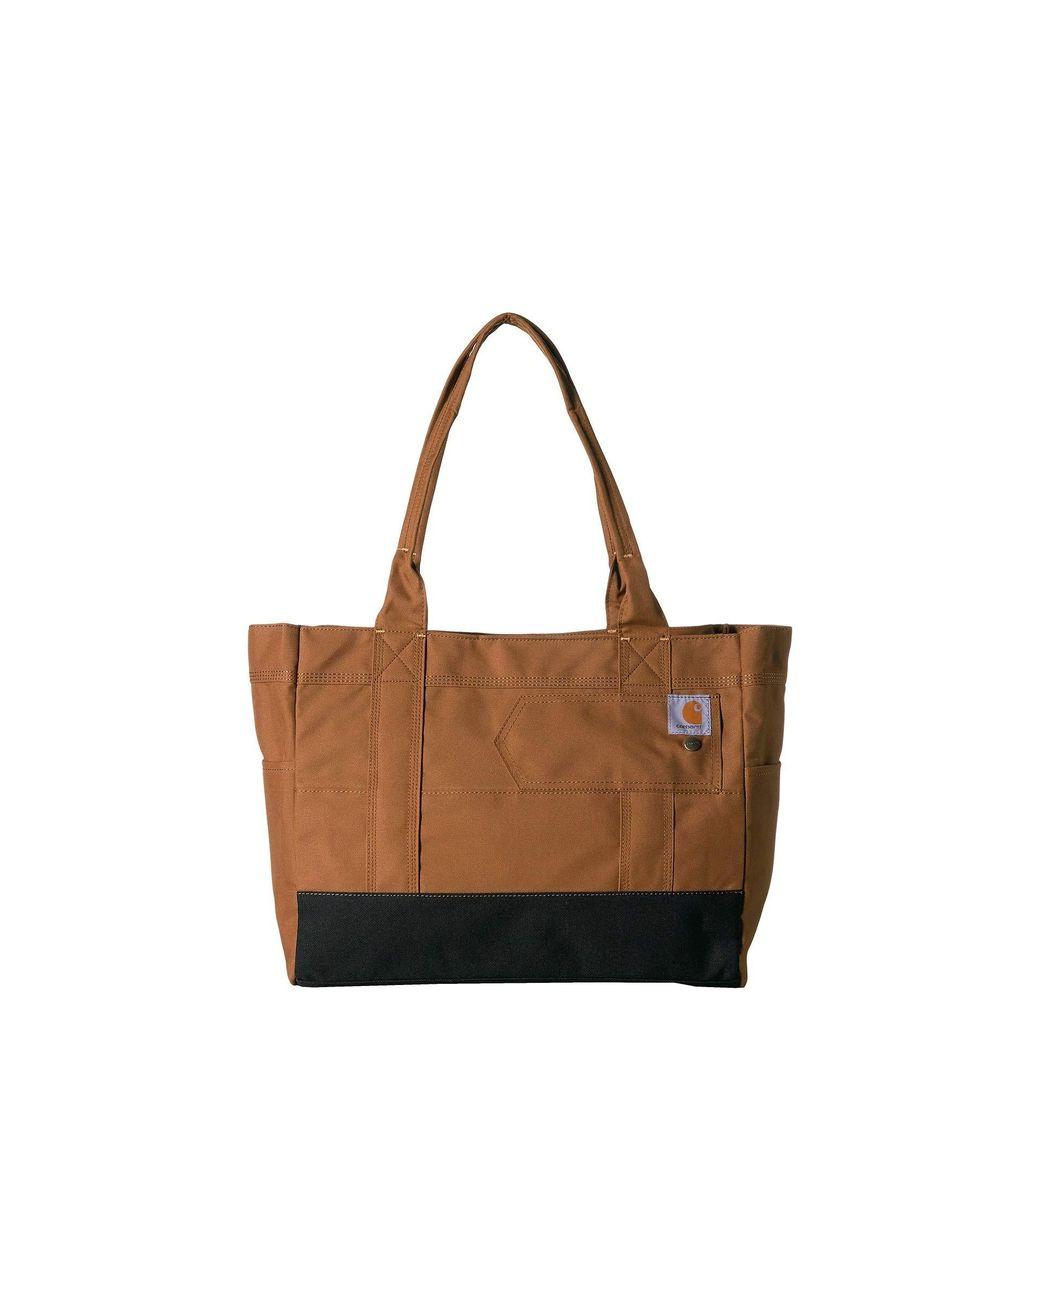 61edf23c080d Lyst - Carhartt East/west Tote (black) Handbags in Brown